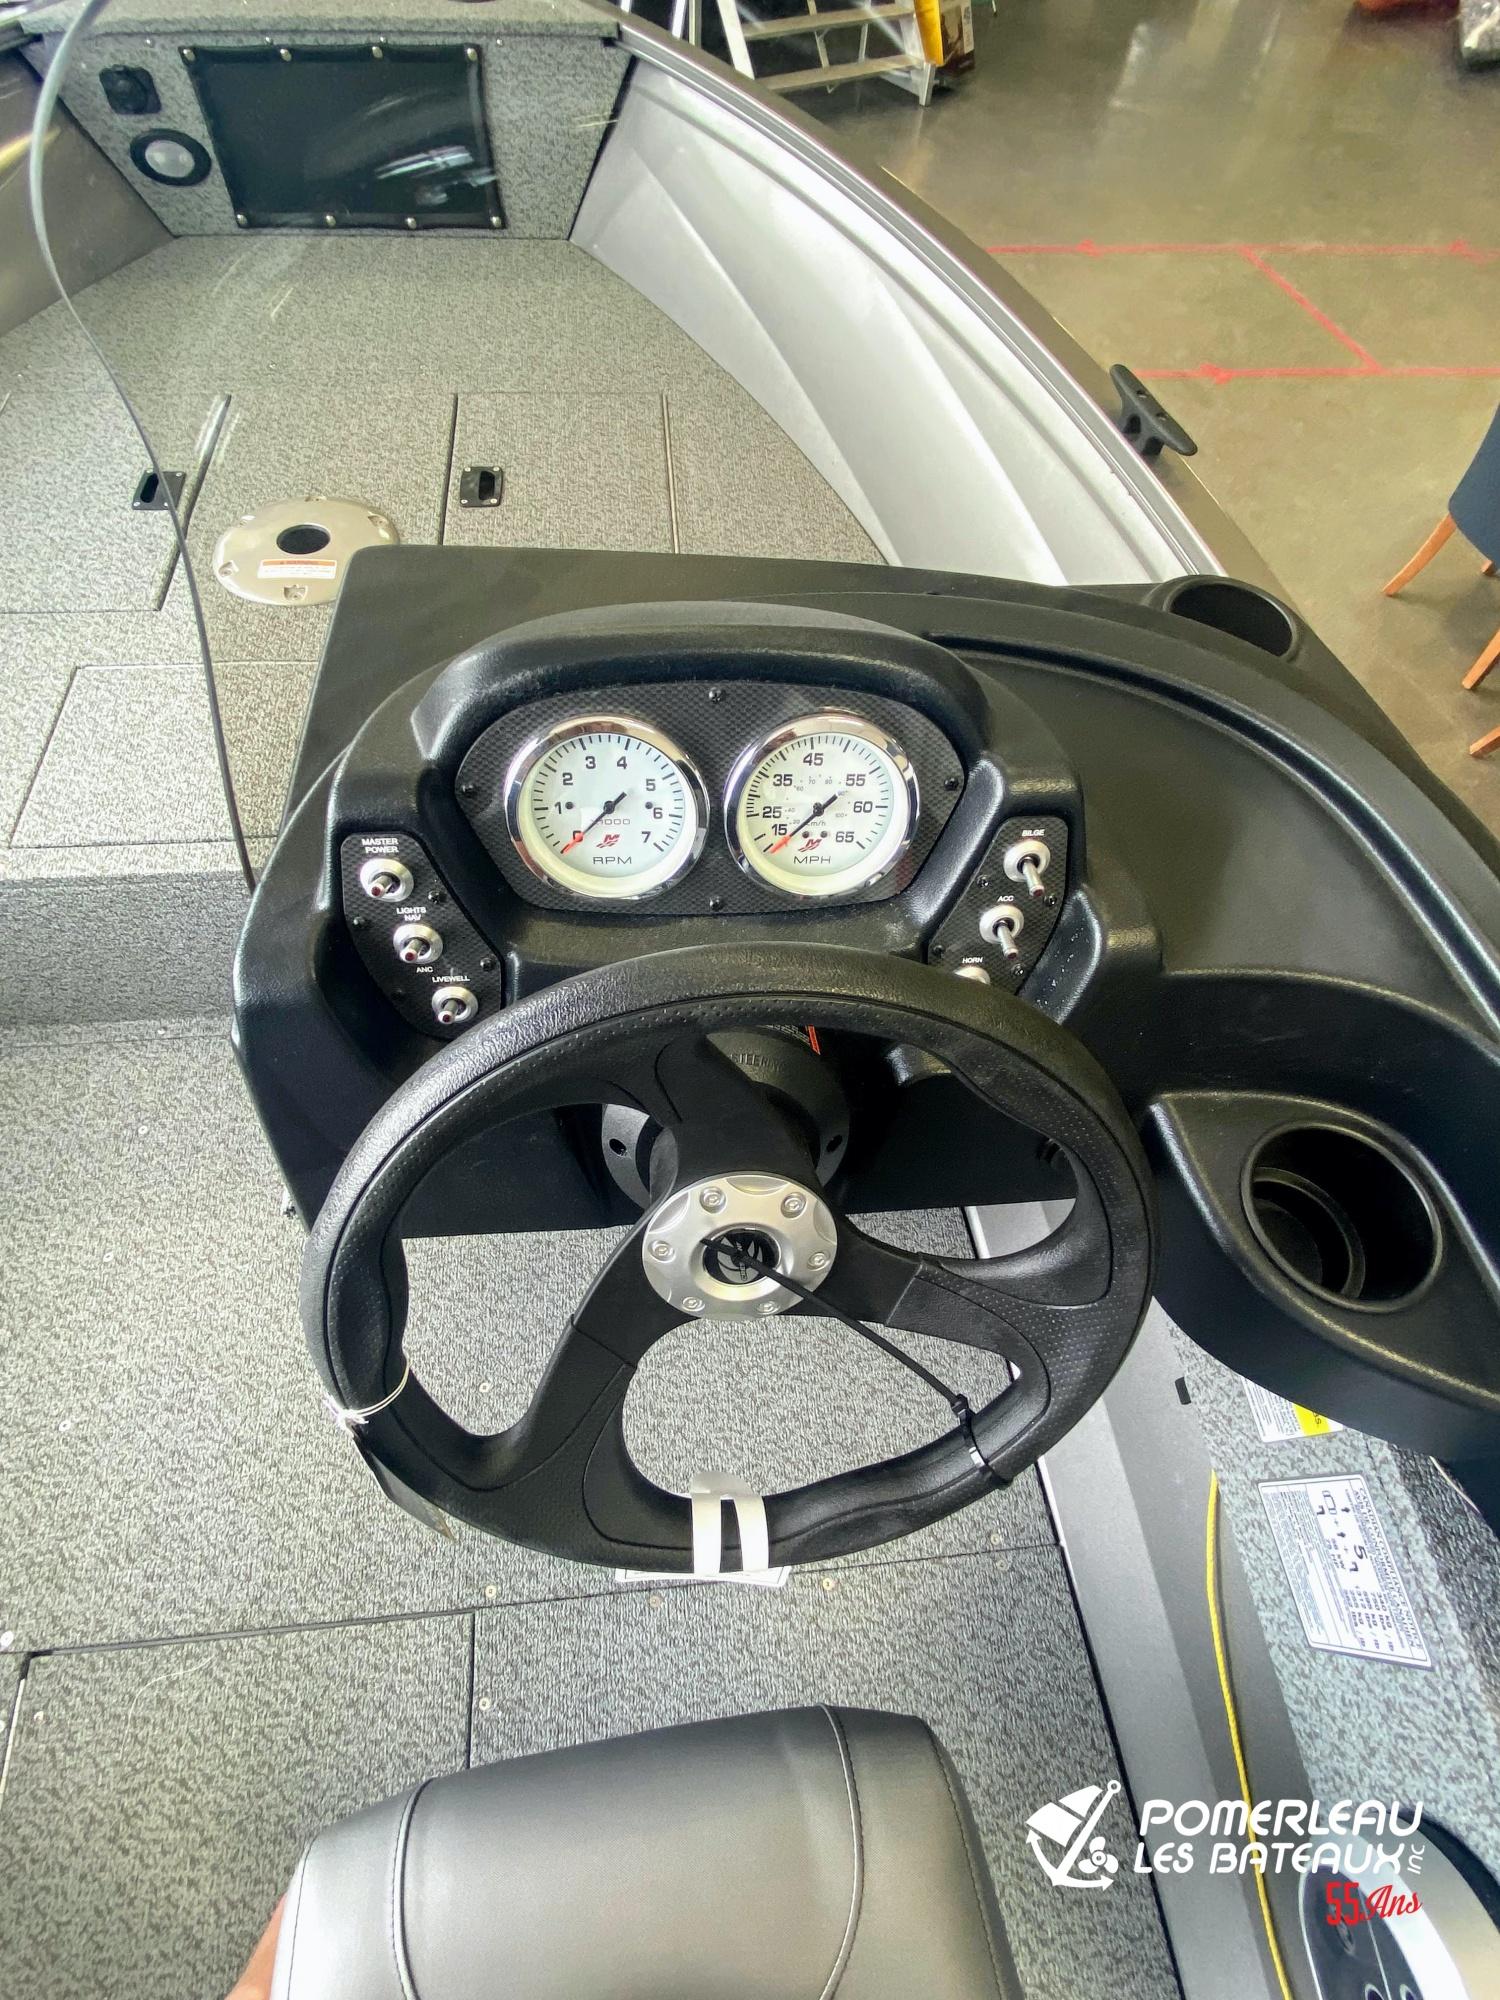 Crestliner vision 1600 - IMG_3837